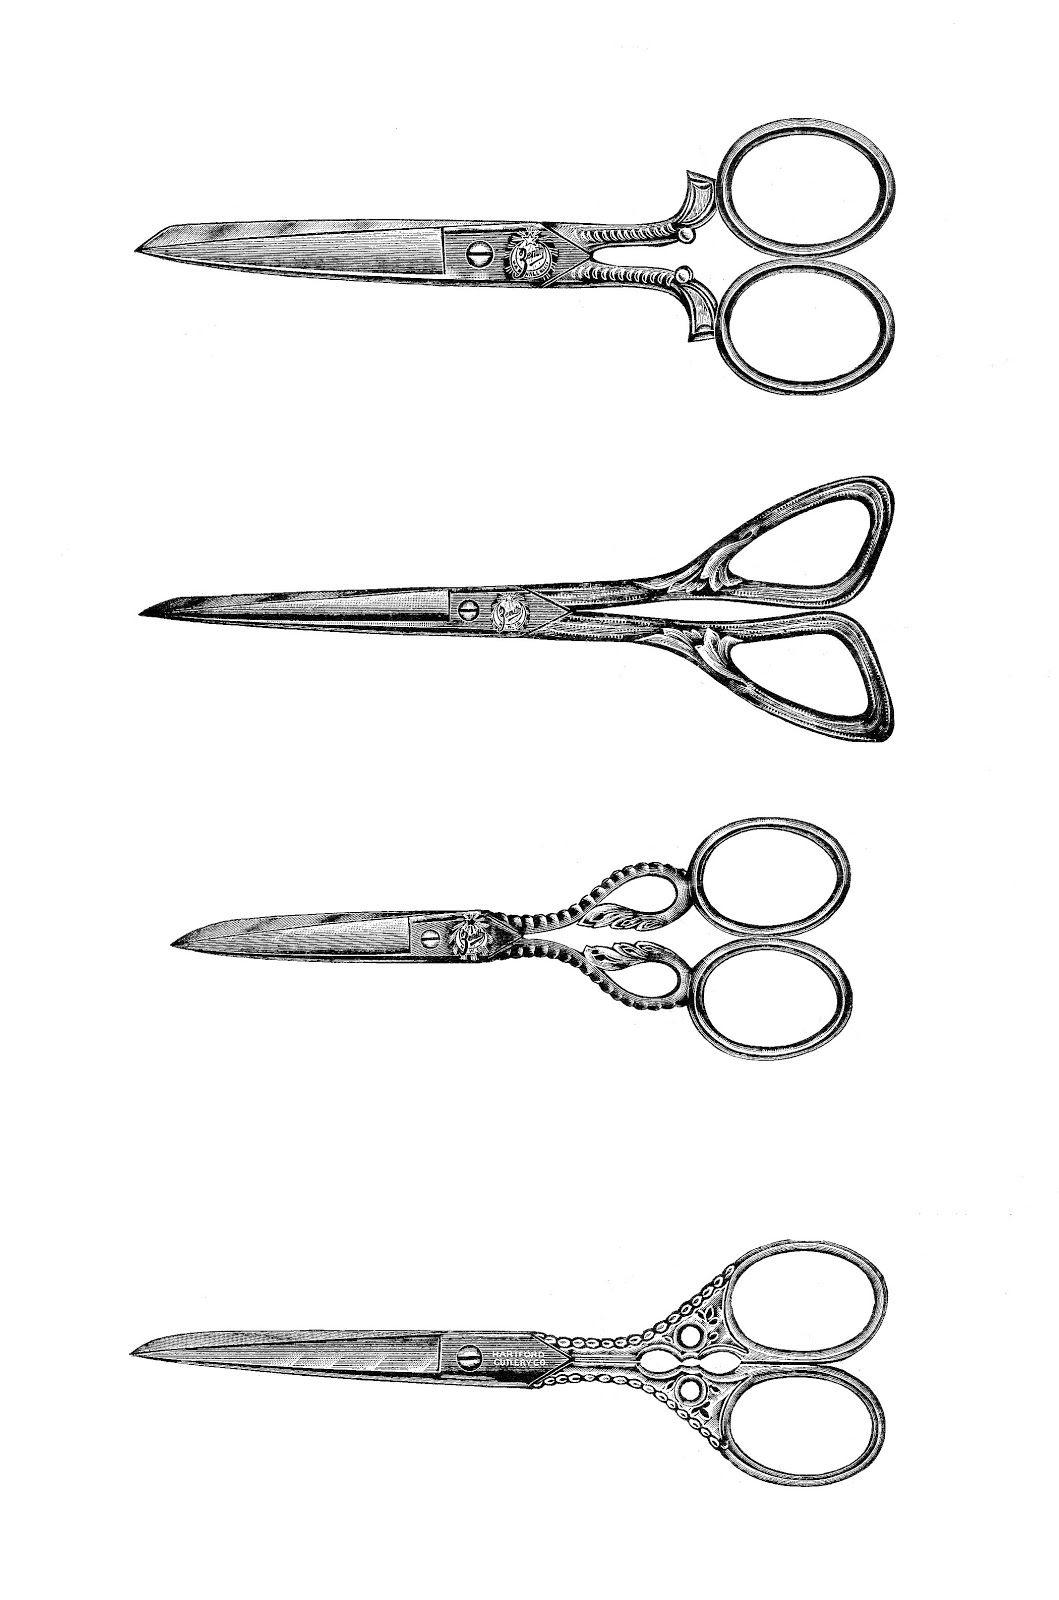 Cut it up